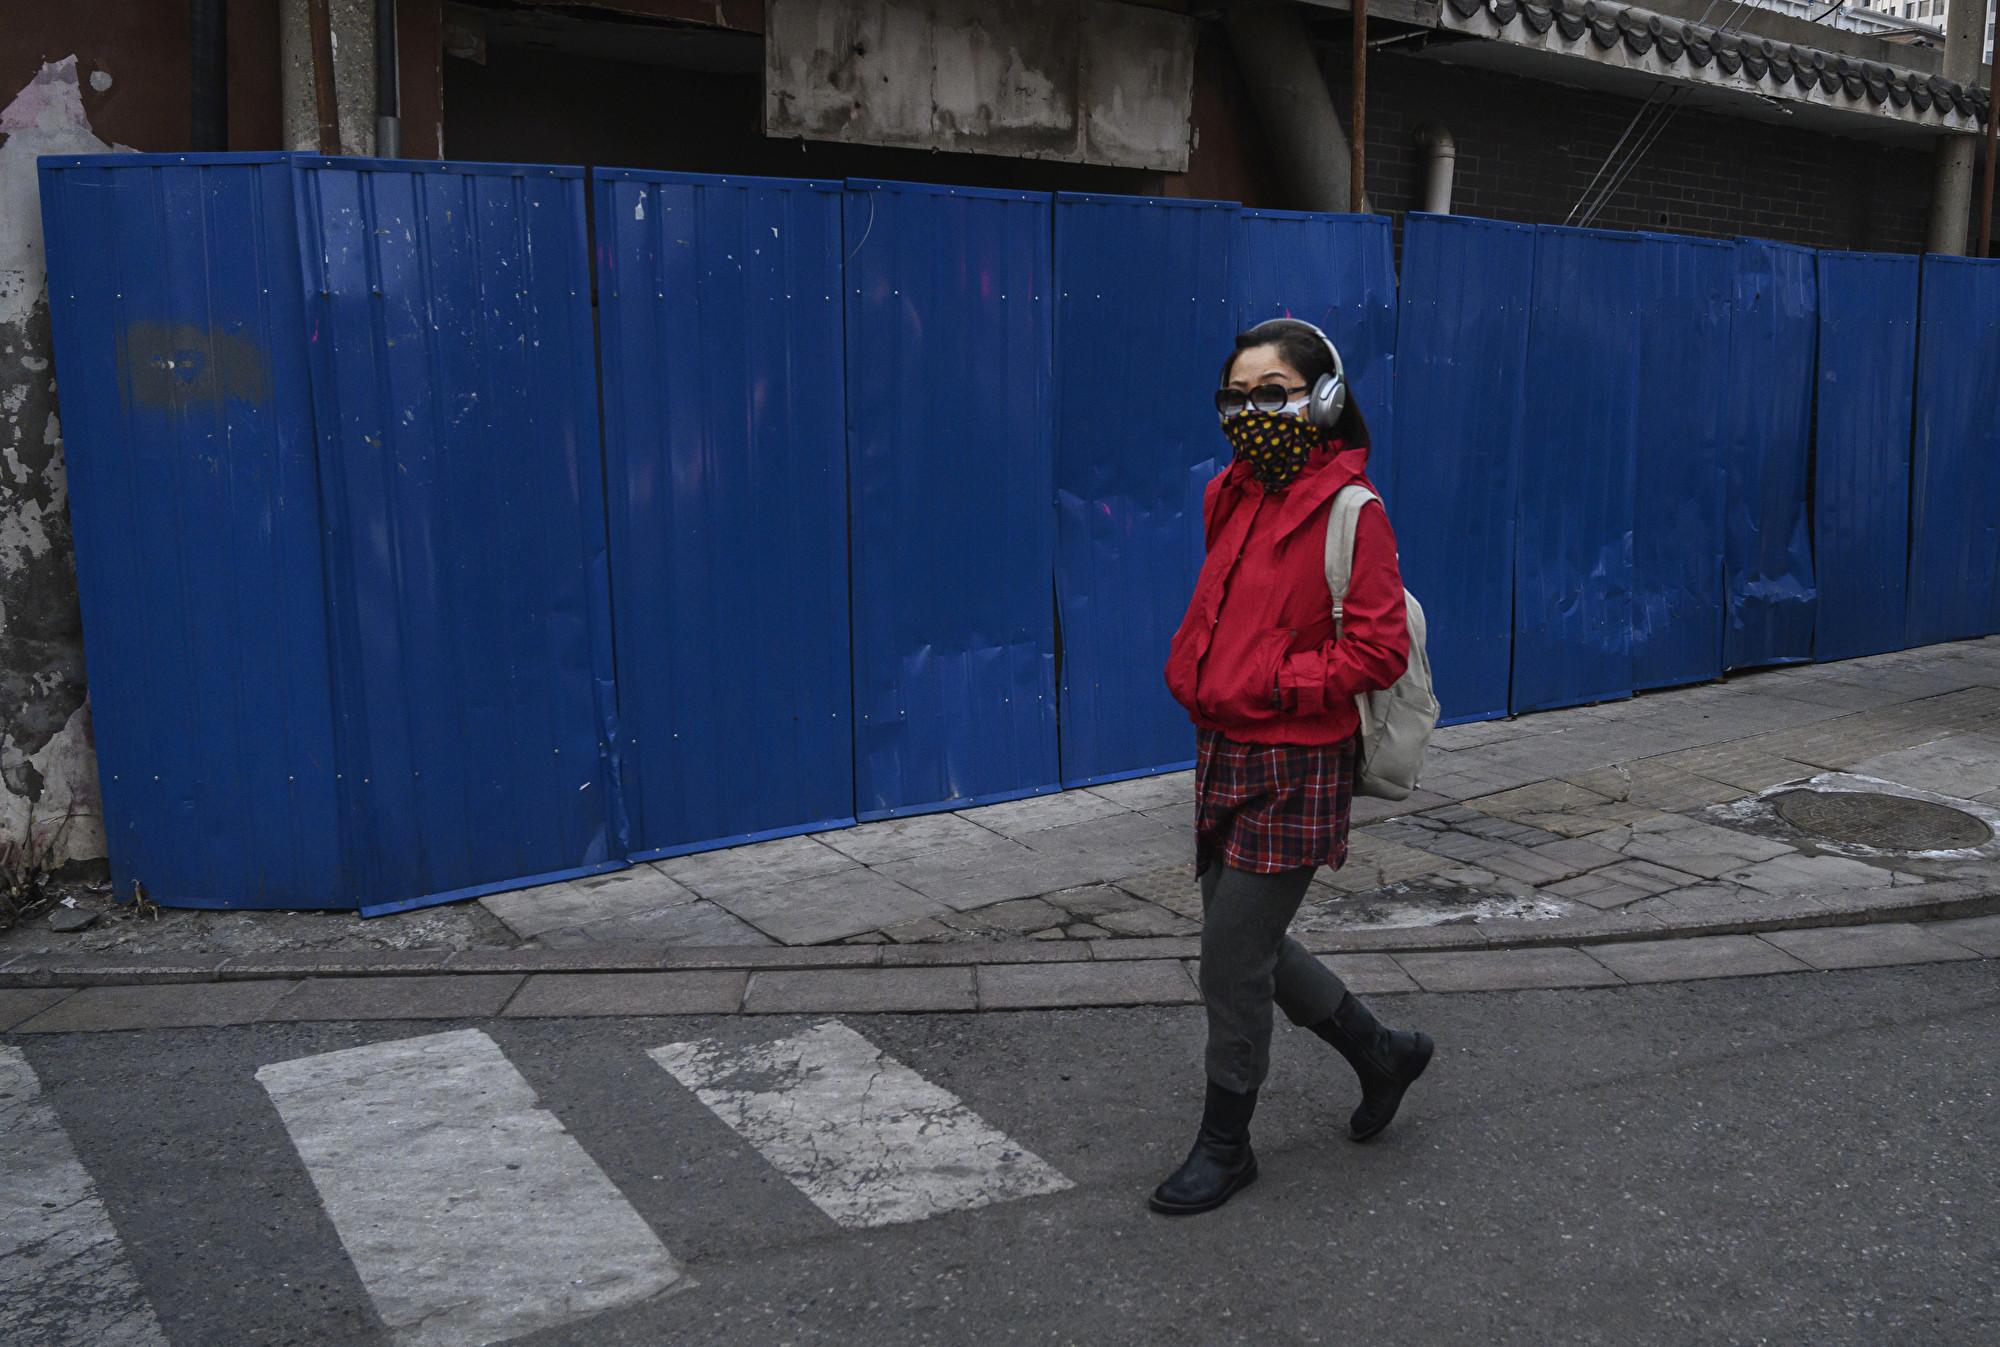 【一線採訪】北京嚴堵巷弄胡同 仍存隱患